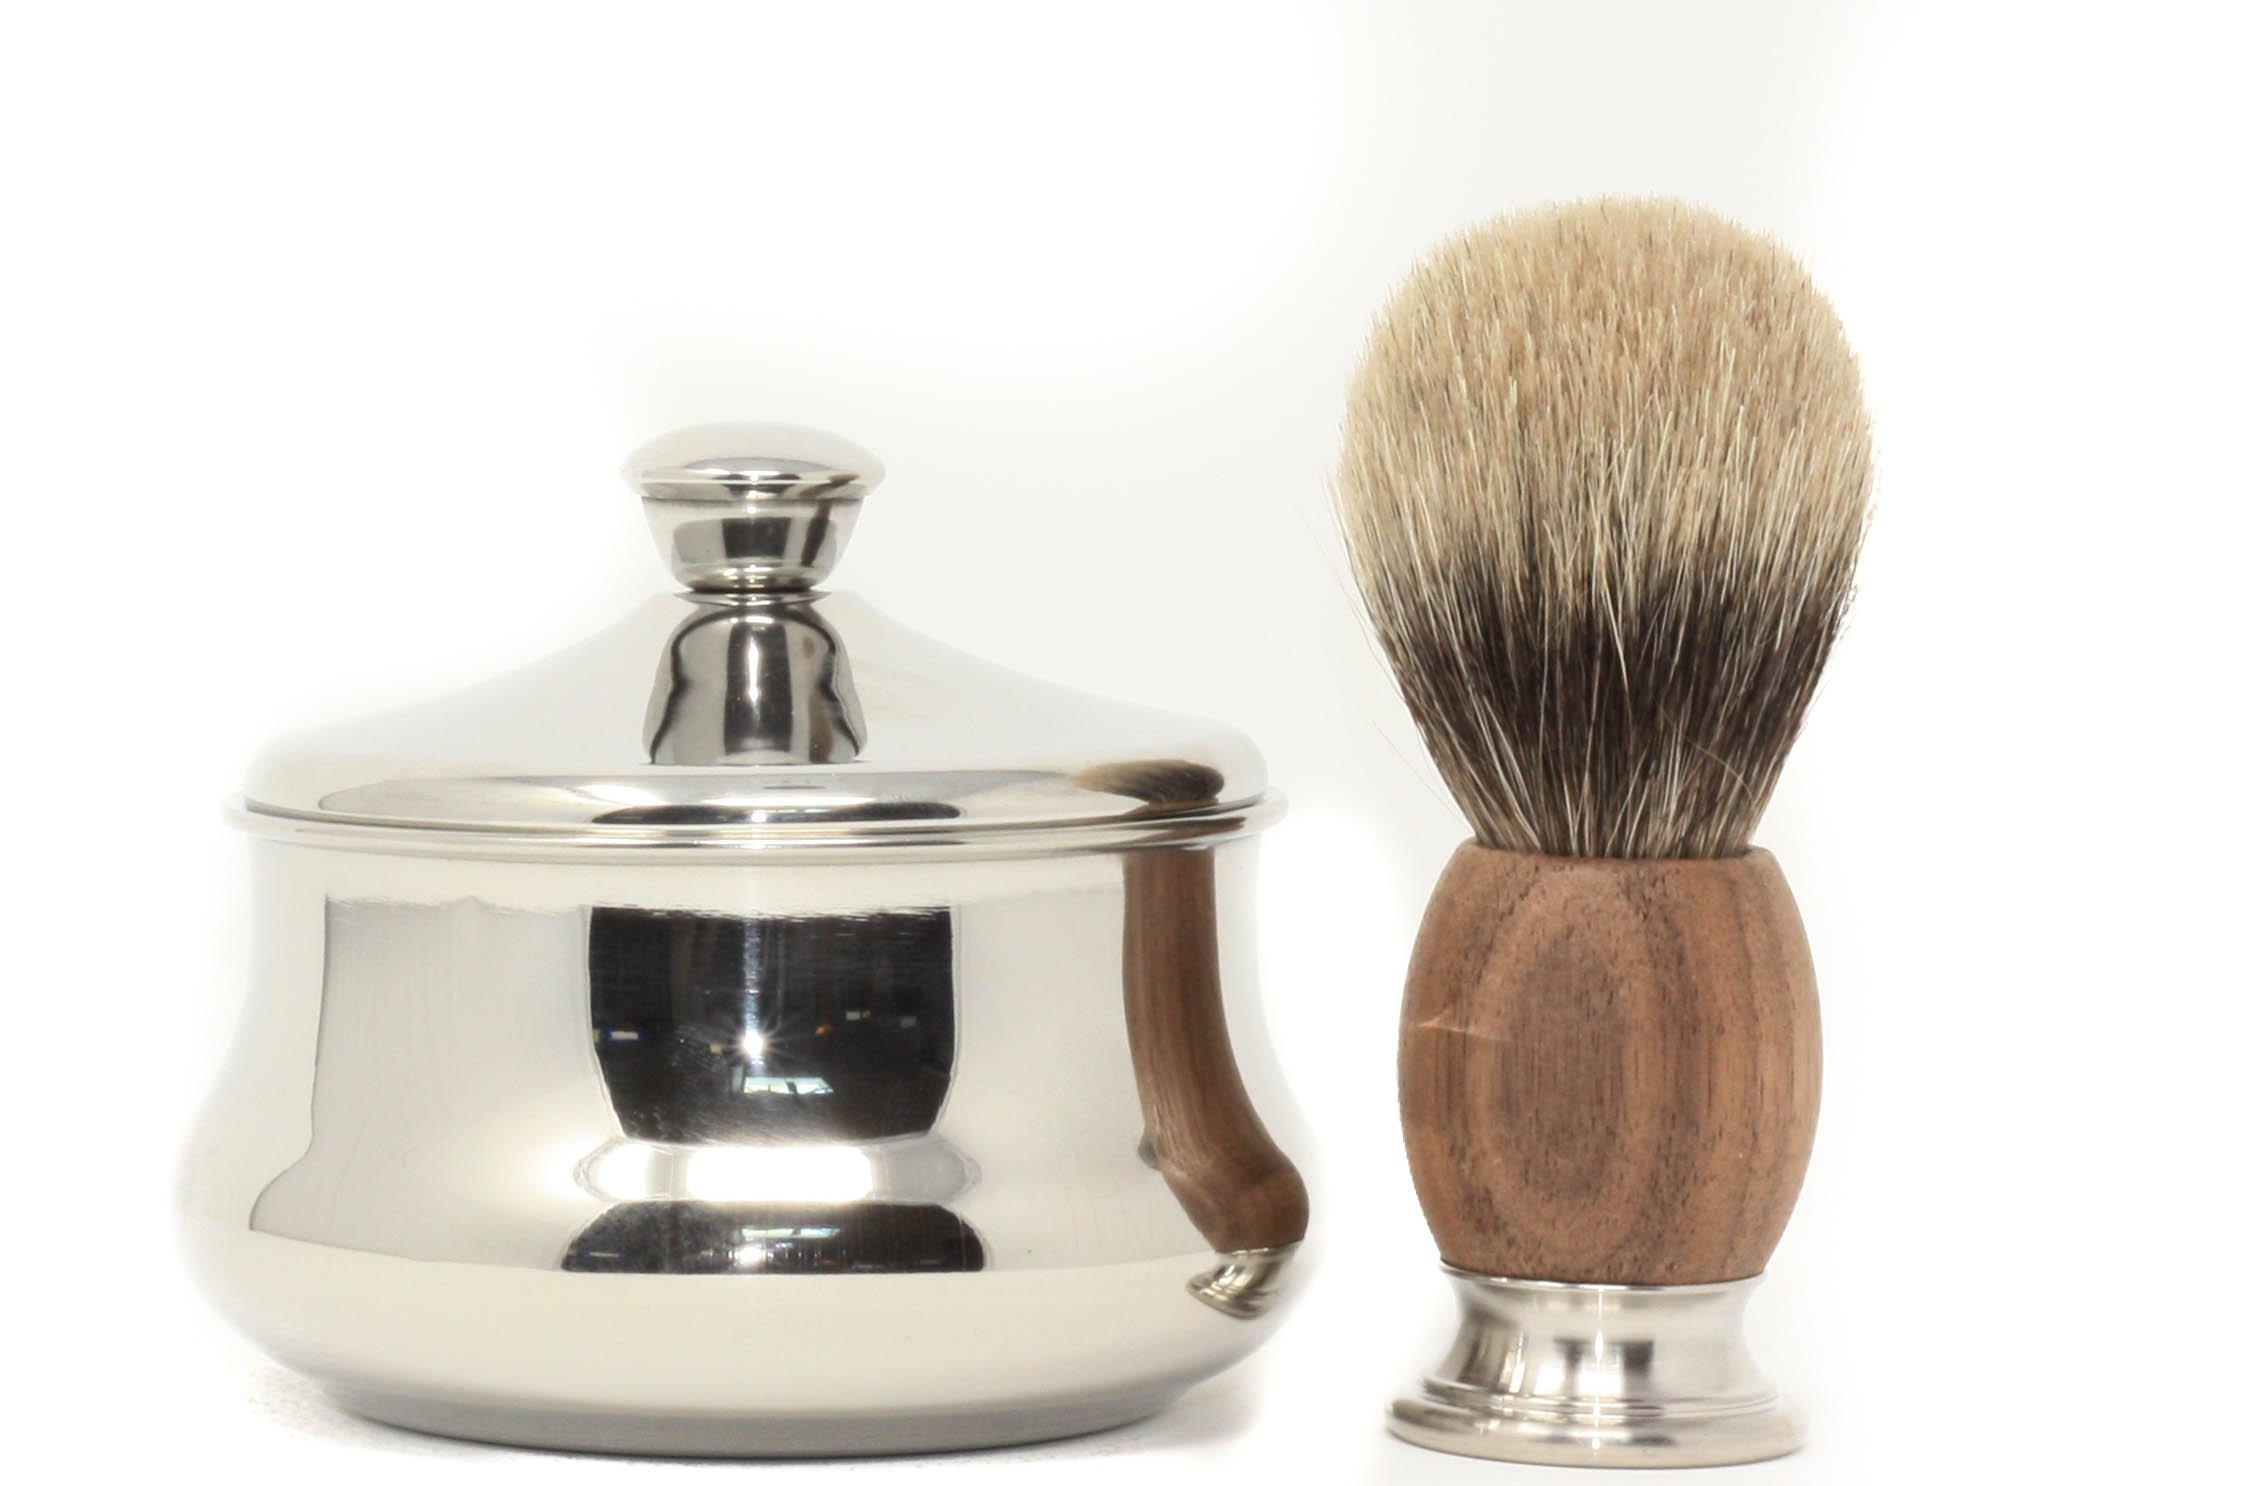 Schöne Stainless Steel Shaving Bowl with Schöne Shaving Brush (Walnut wood)